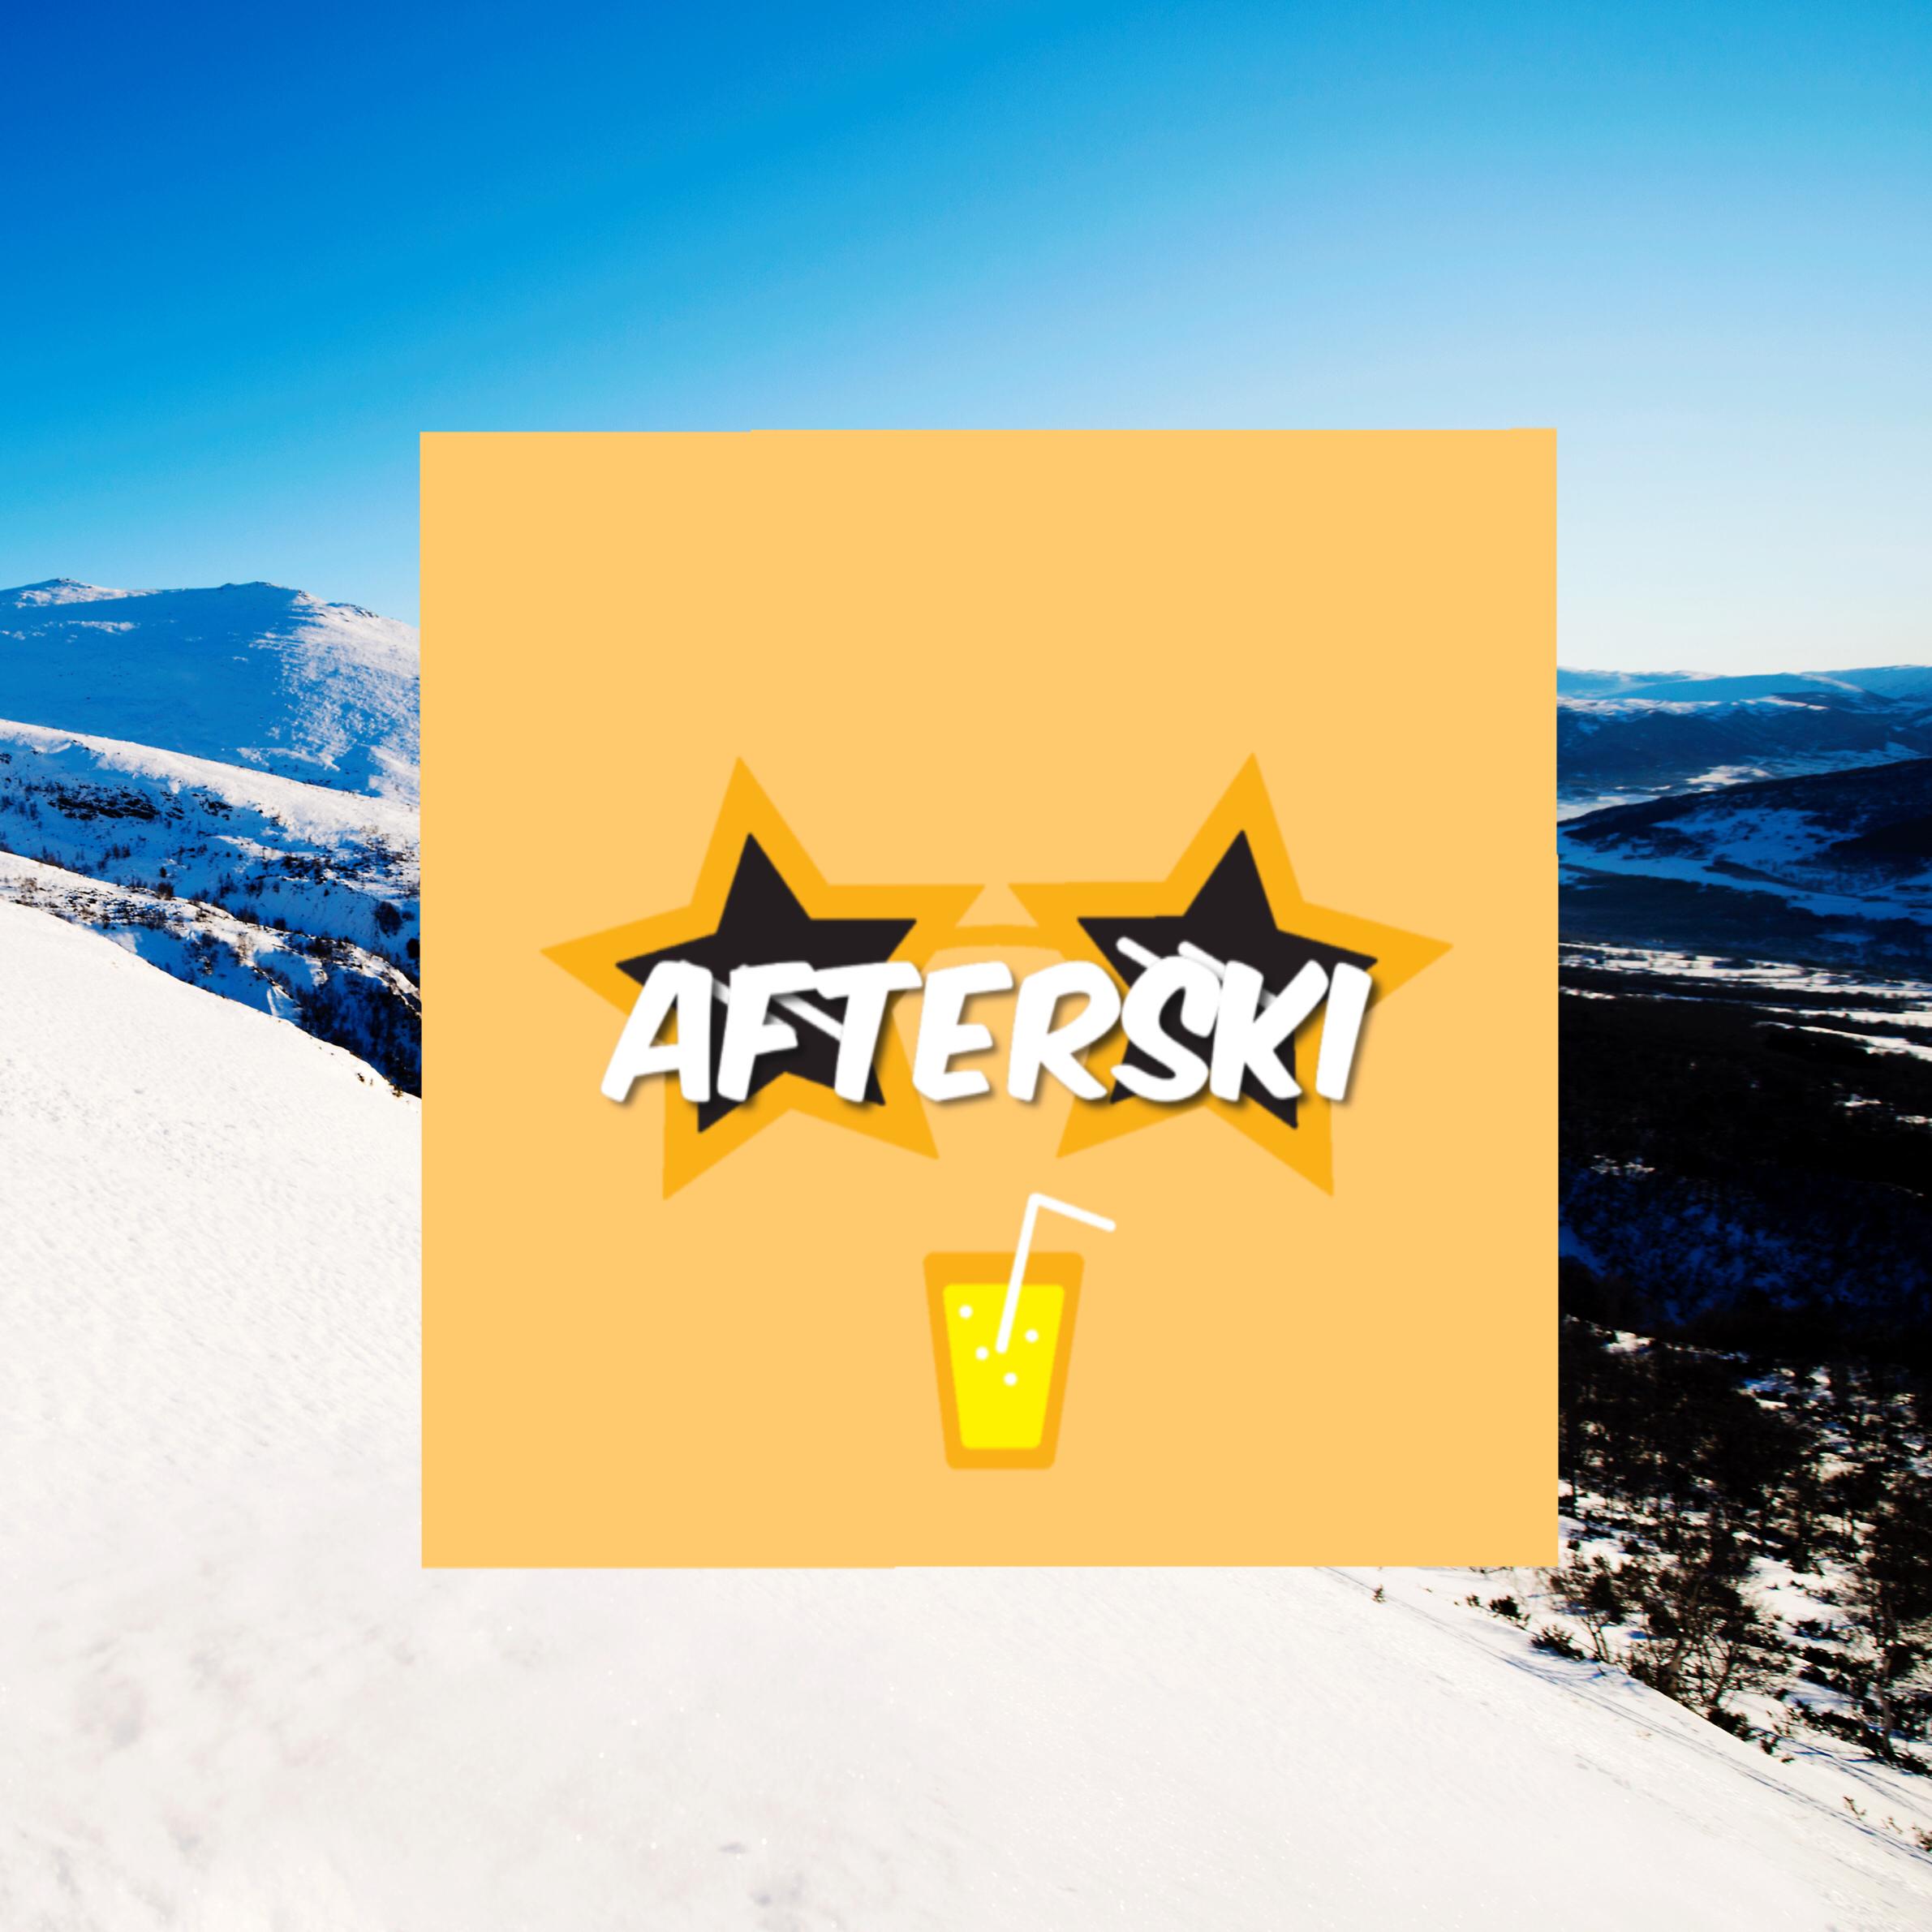 Afterski_Skifer.PNG